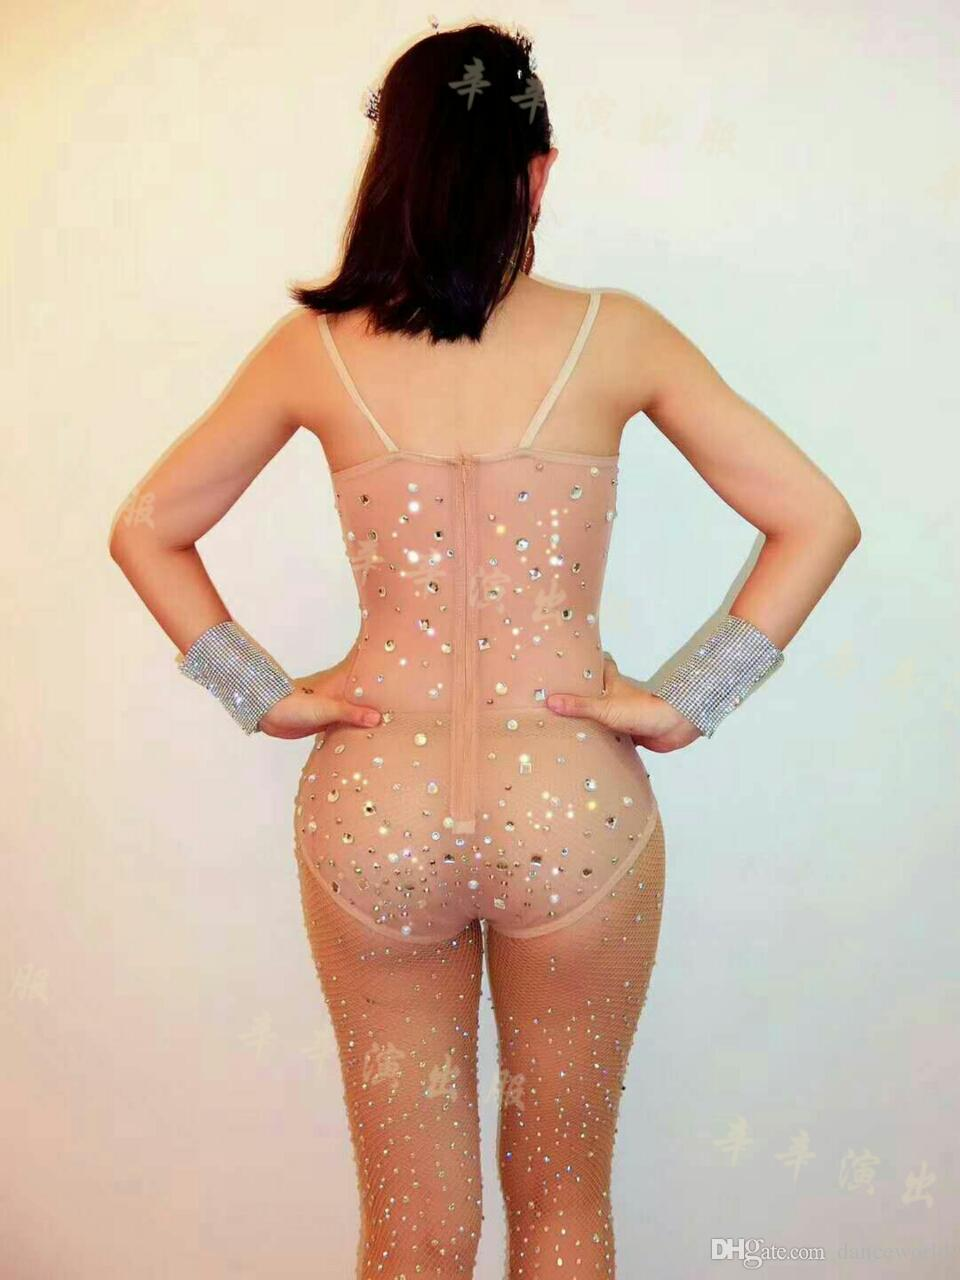 Ds Elbise Seksi Rhinestone Leotard Siyah Ceket Kadınlar Gece Kulübü Dans Giyim Bodysuit Kabanlar Balo Kıyafet Performans Elbise Kutlamak